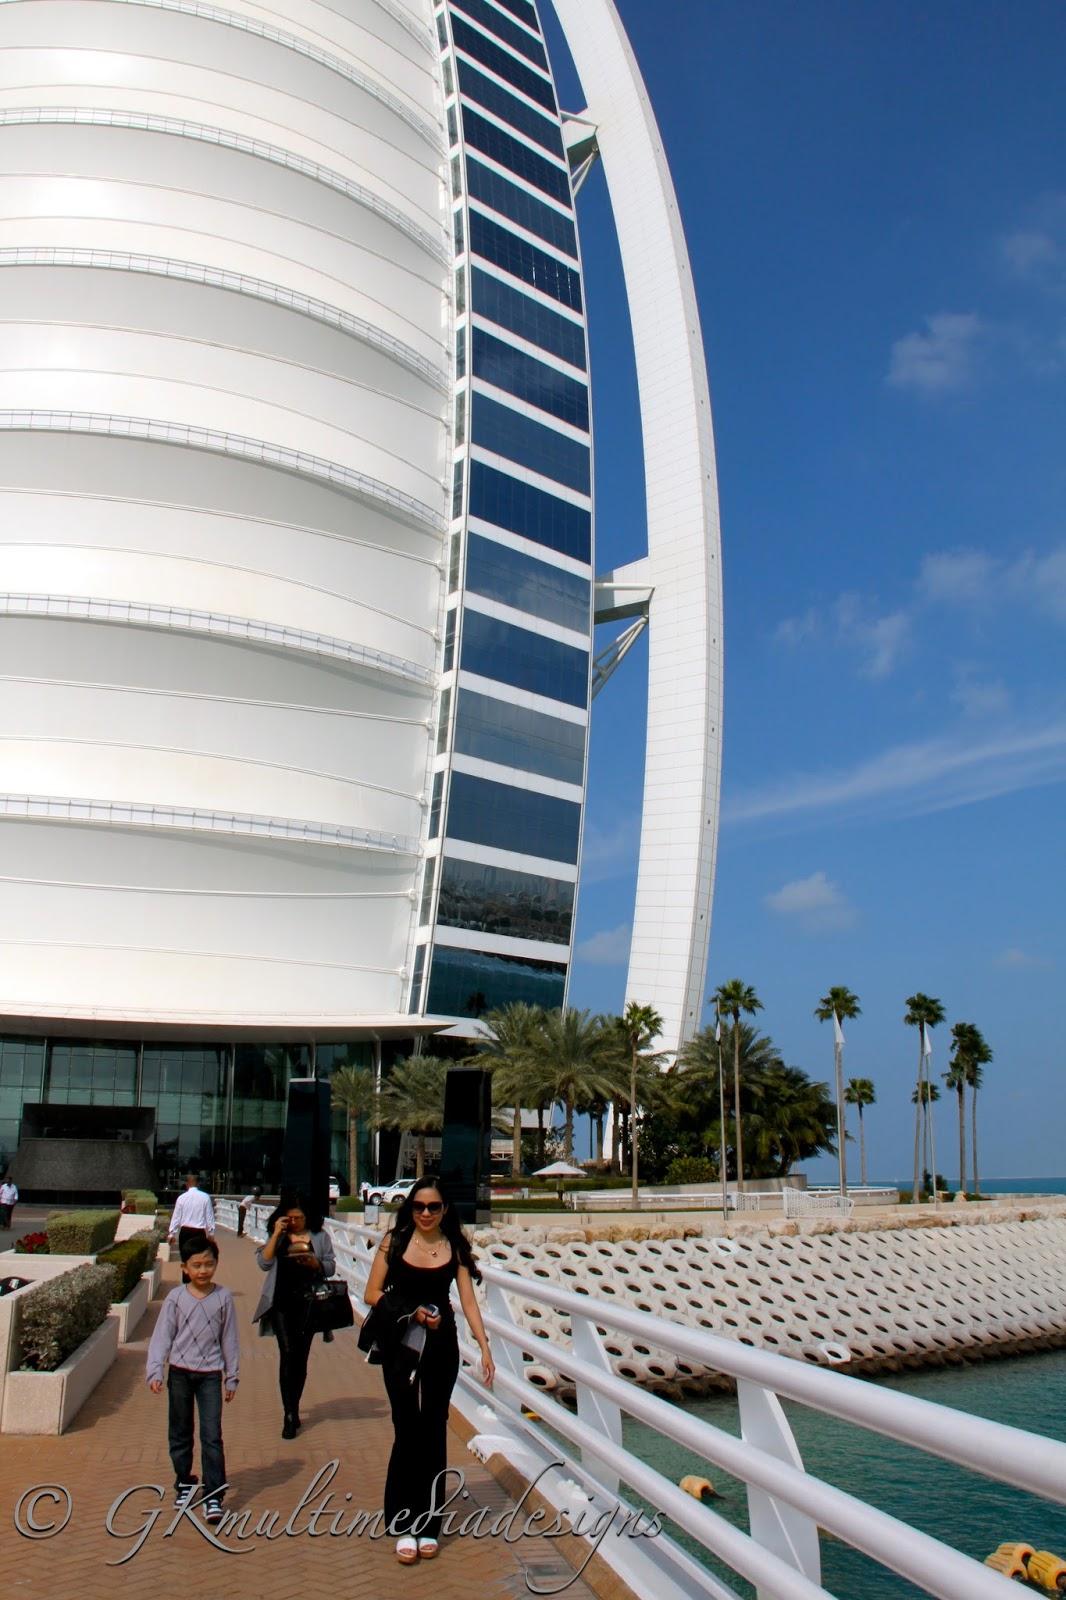 Anything Under The Sun Burj Al Arab A Seven Star Hotel